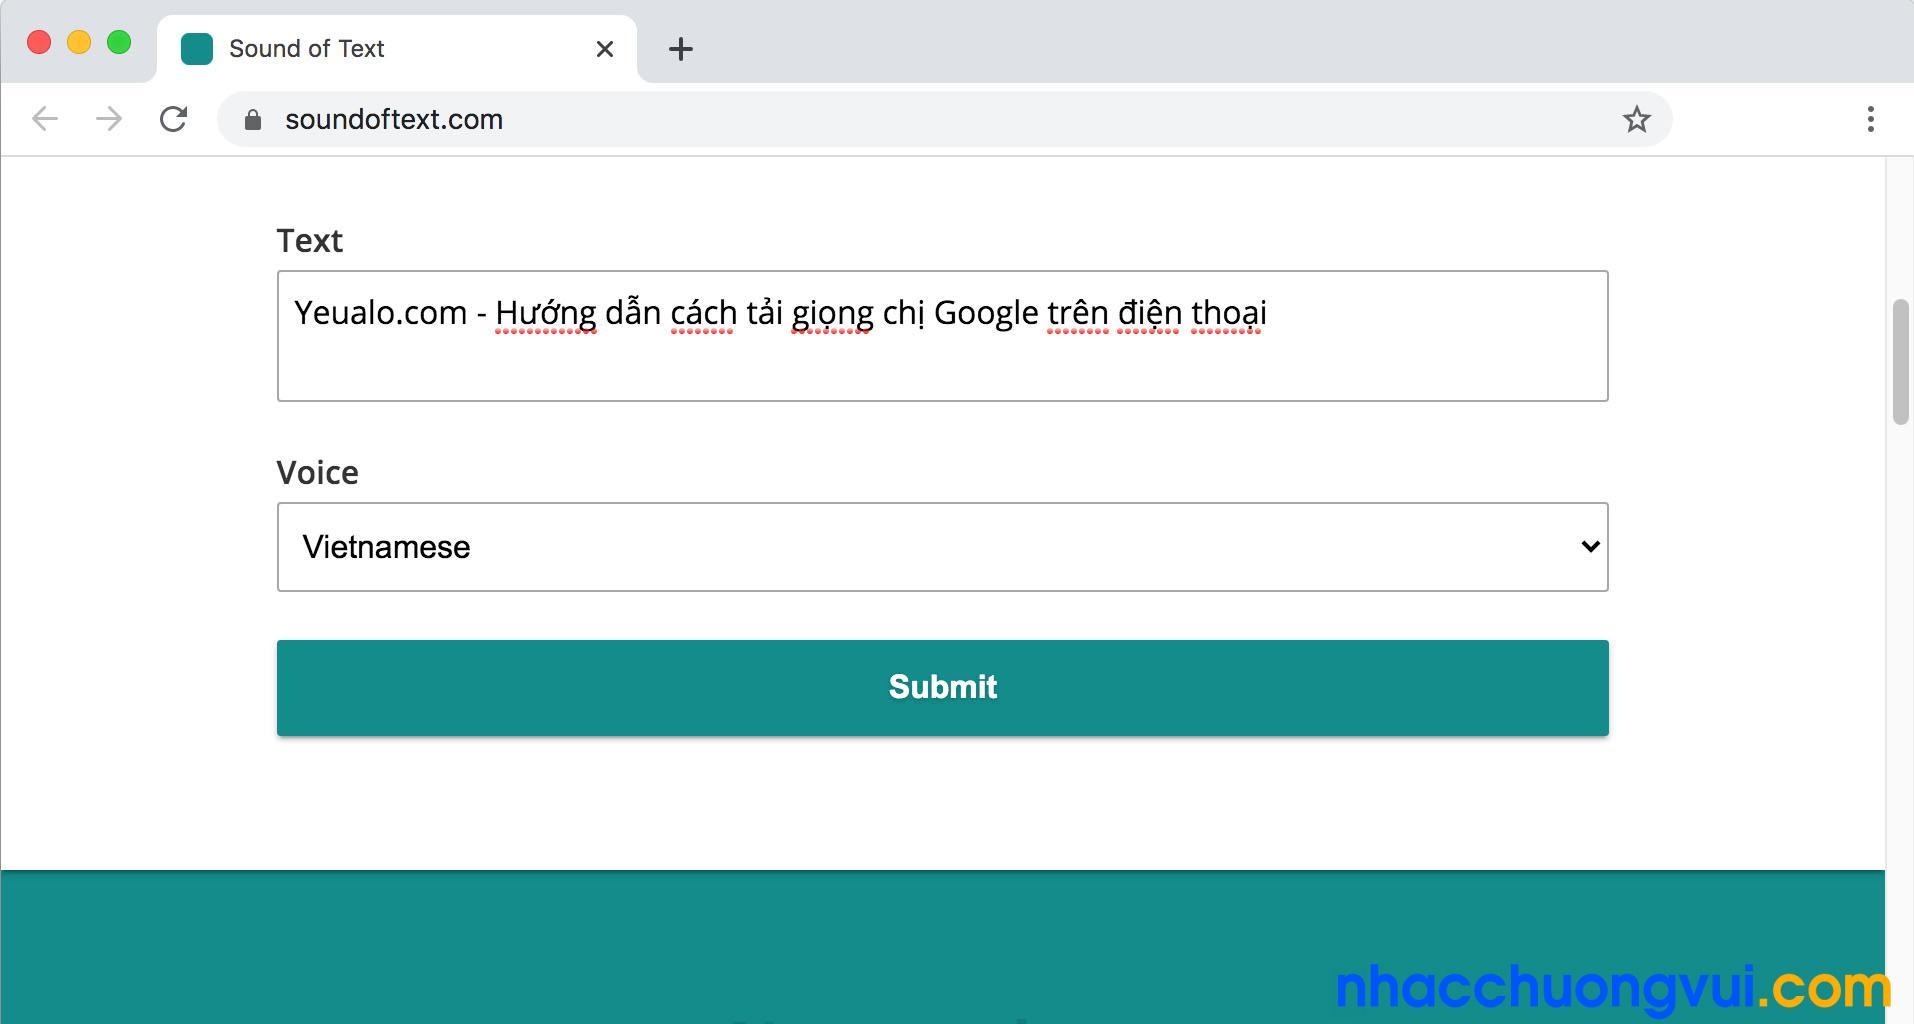 Các bước tải giọng chị Google trên máy tính